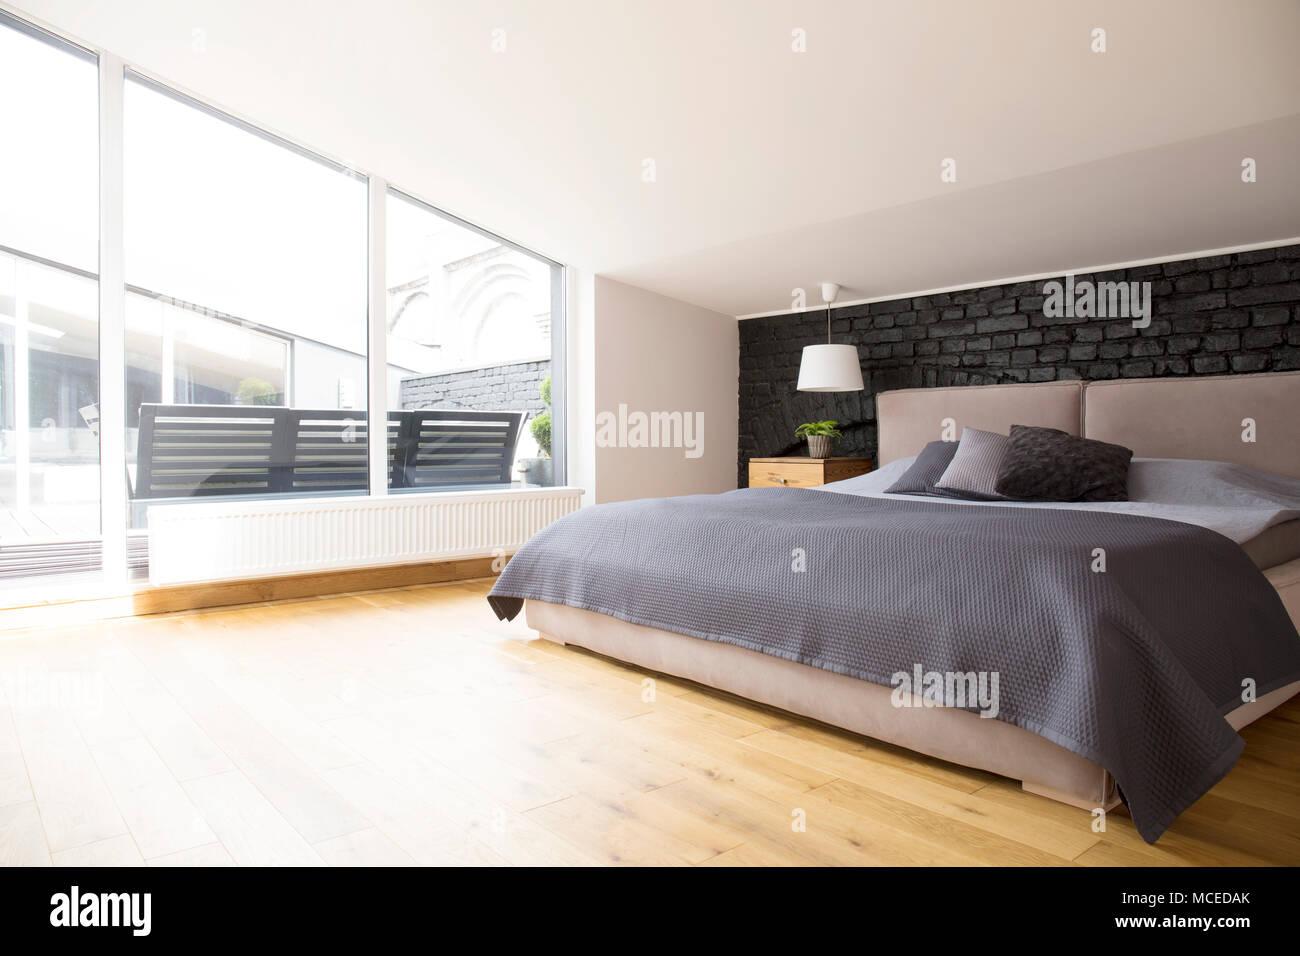 Charmant Grau Bettwäsche Auf Bett Im Schlafzimmer Innenraum Mit Fenster Und Holzboden